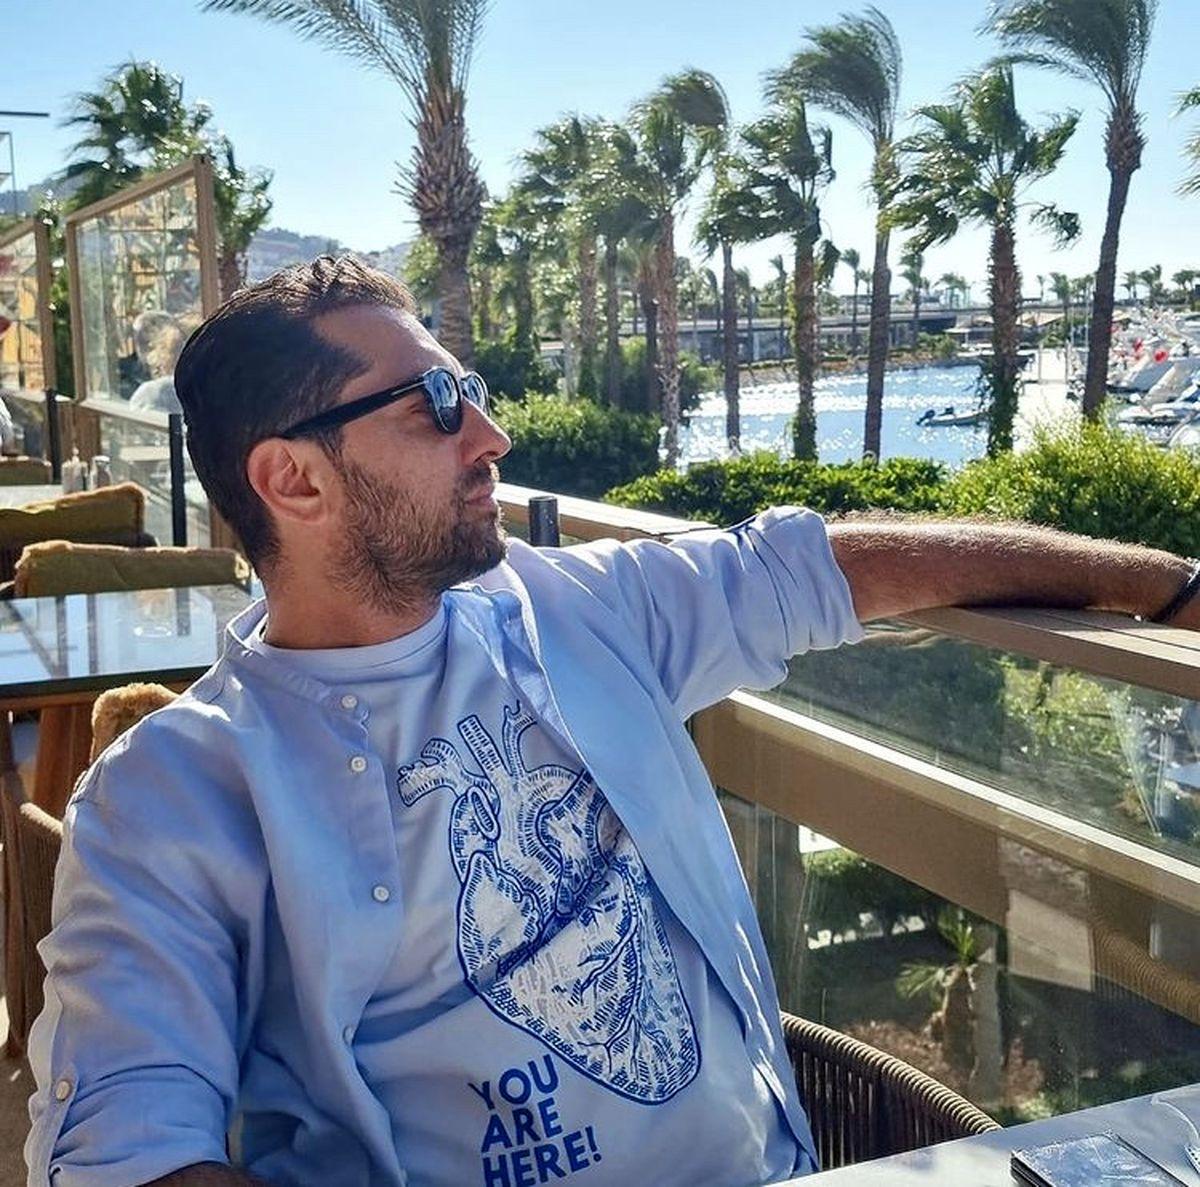 گشت و گذار بهرام رادان در جزیره ای زیبا + عکس